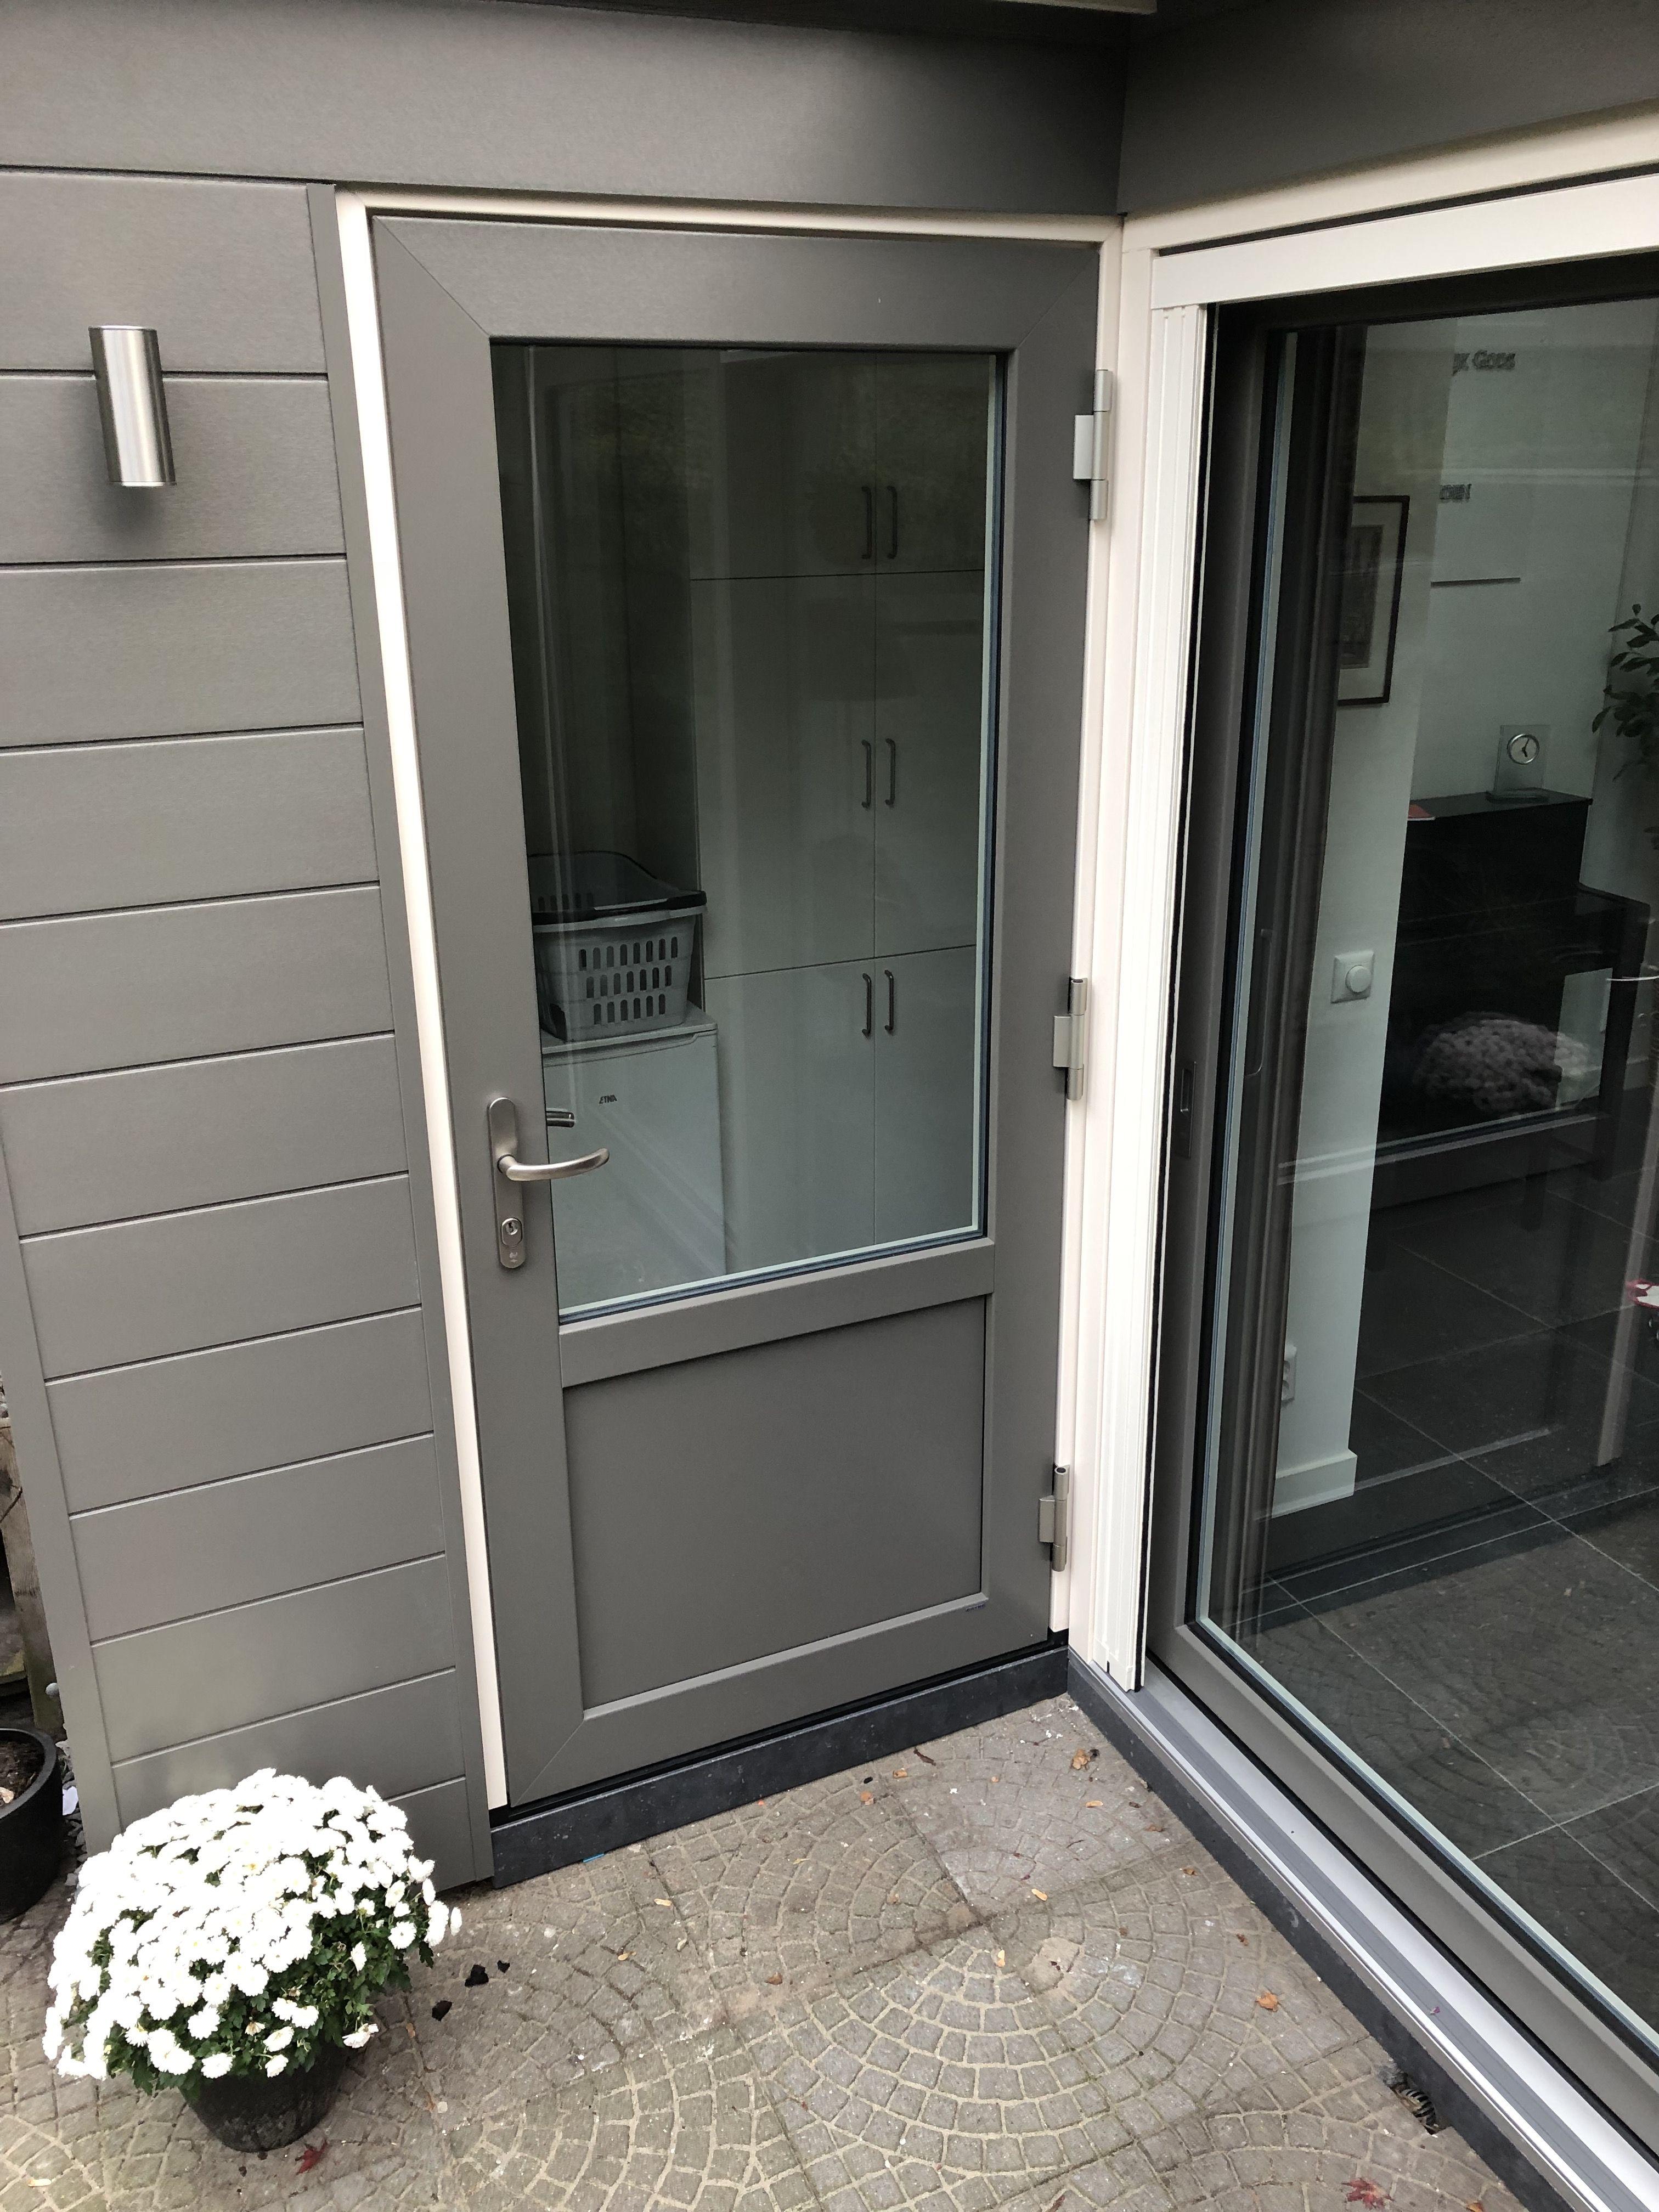 Gray back door in an under construction